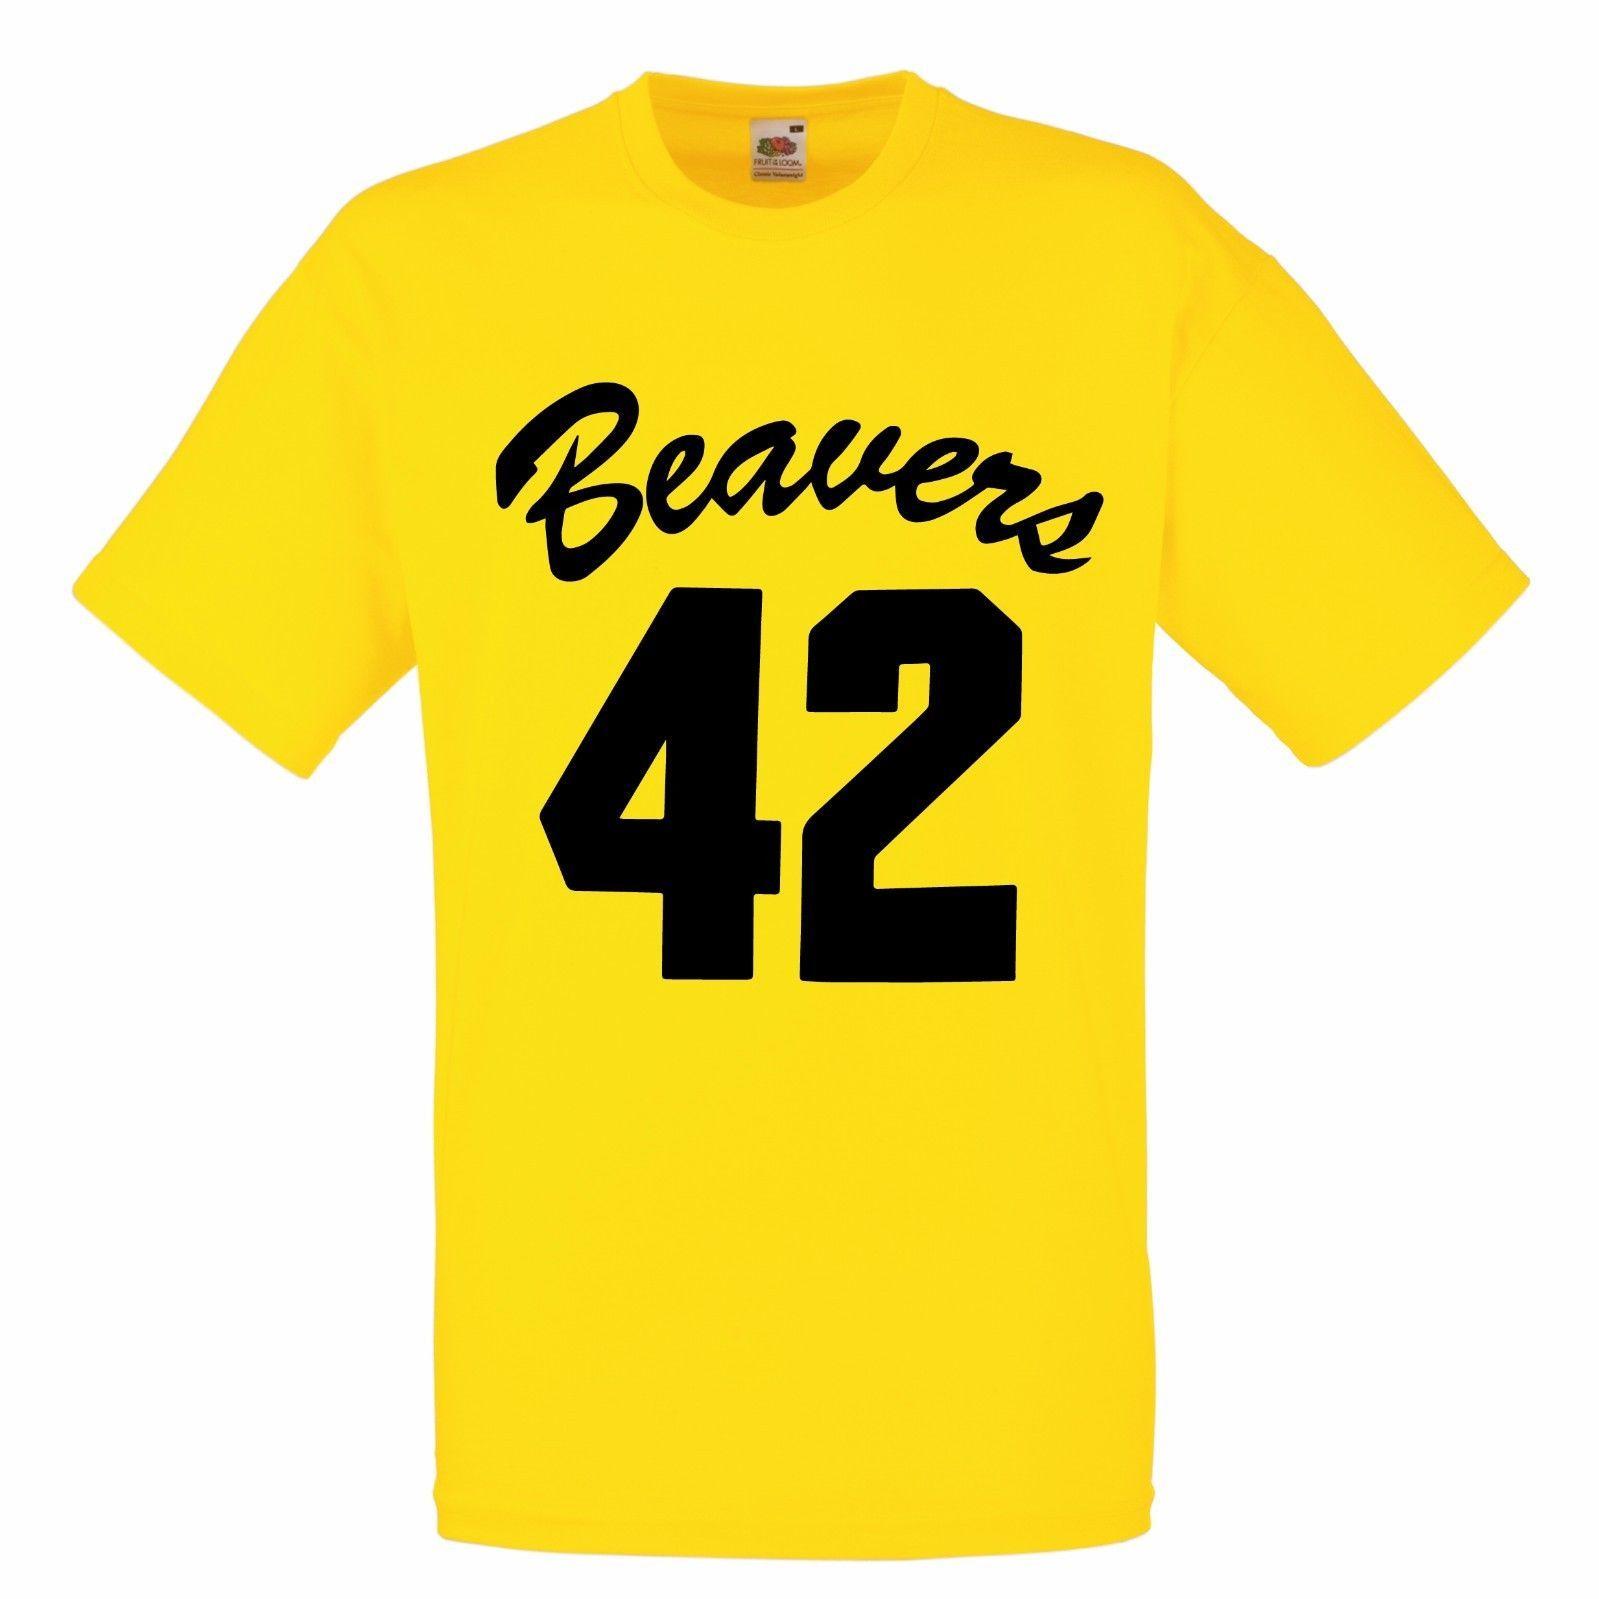 a827a3fb4bd1 Beavers 42 Yellow Basketball T Shirt Fancy Dress Howard Teen Wolf ...